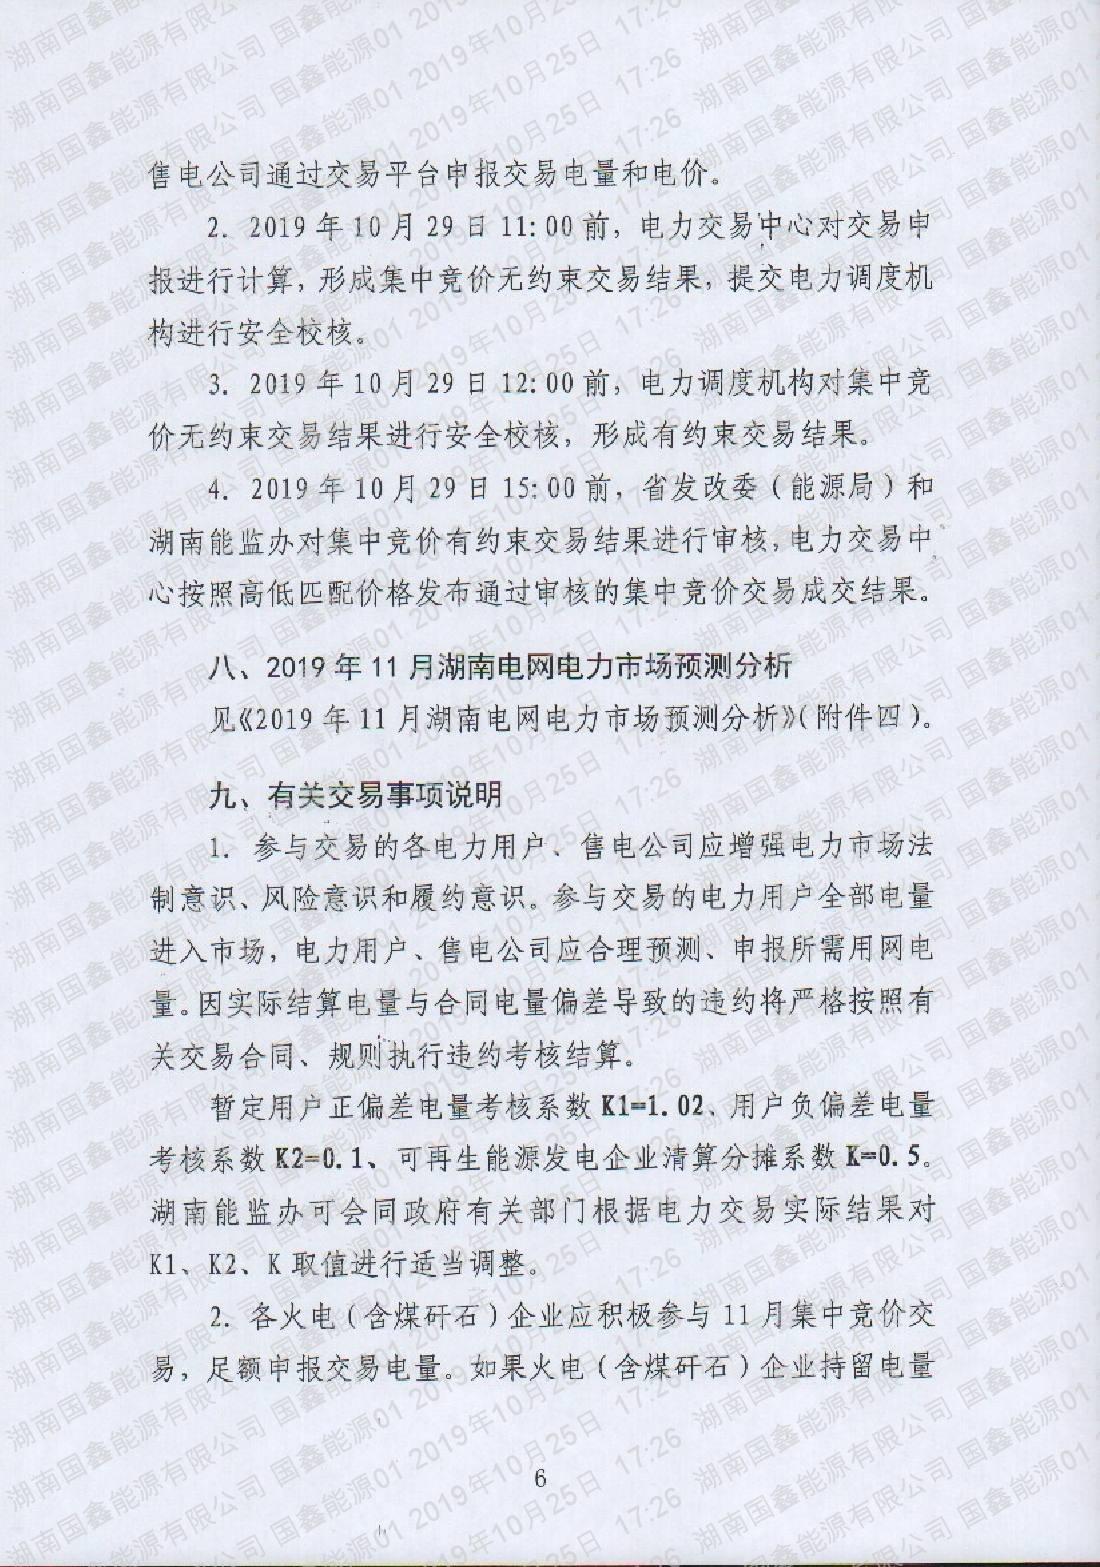 2019年第28号交易公告(11月月度交易).pdf_page_6_compressed.jpg